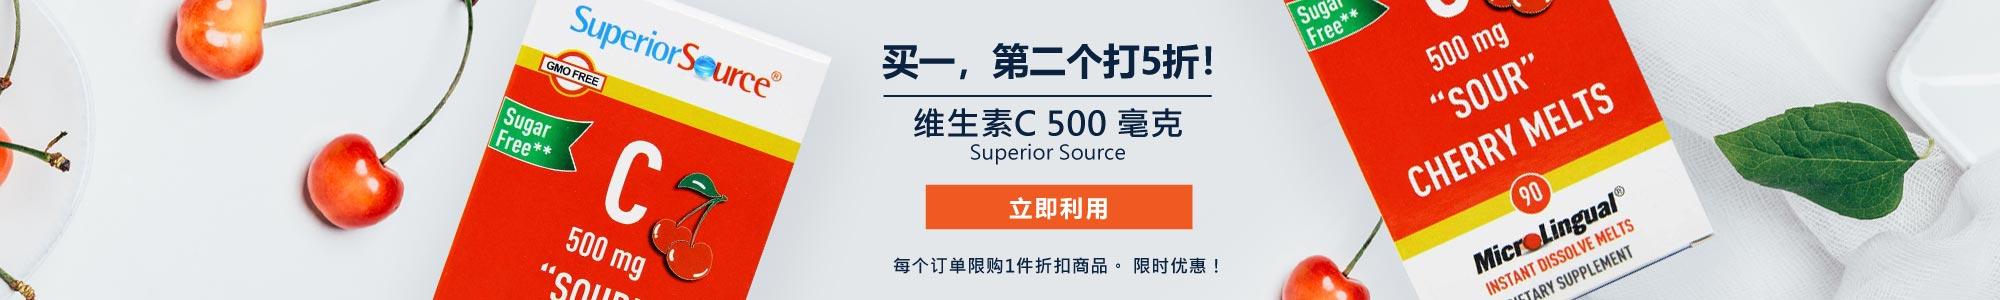 买一,第二个打5折 维生素C 500 毫克 Superior Source。 立即利用 每个订单限购1件折扣商品。 限时优惠!